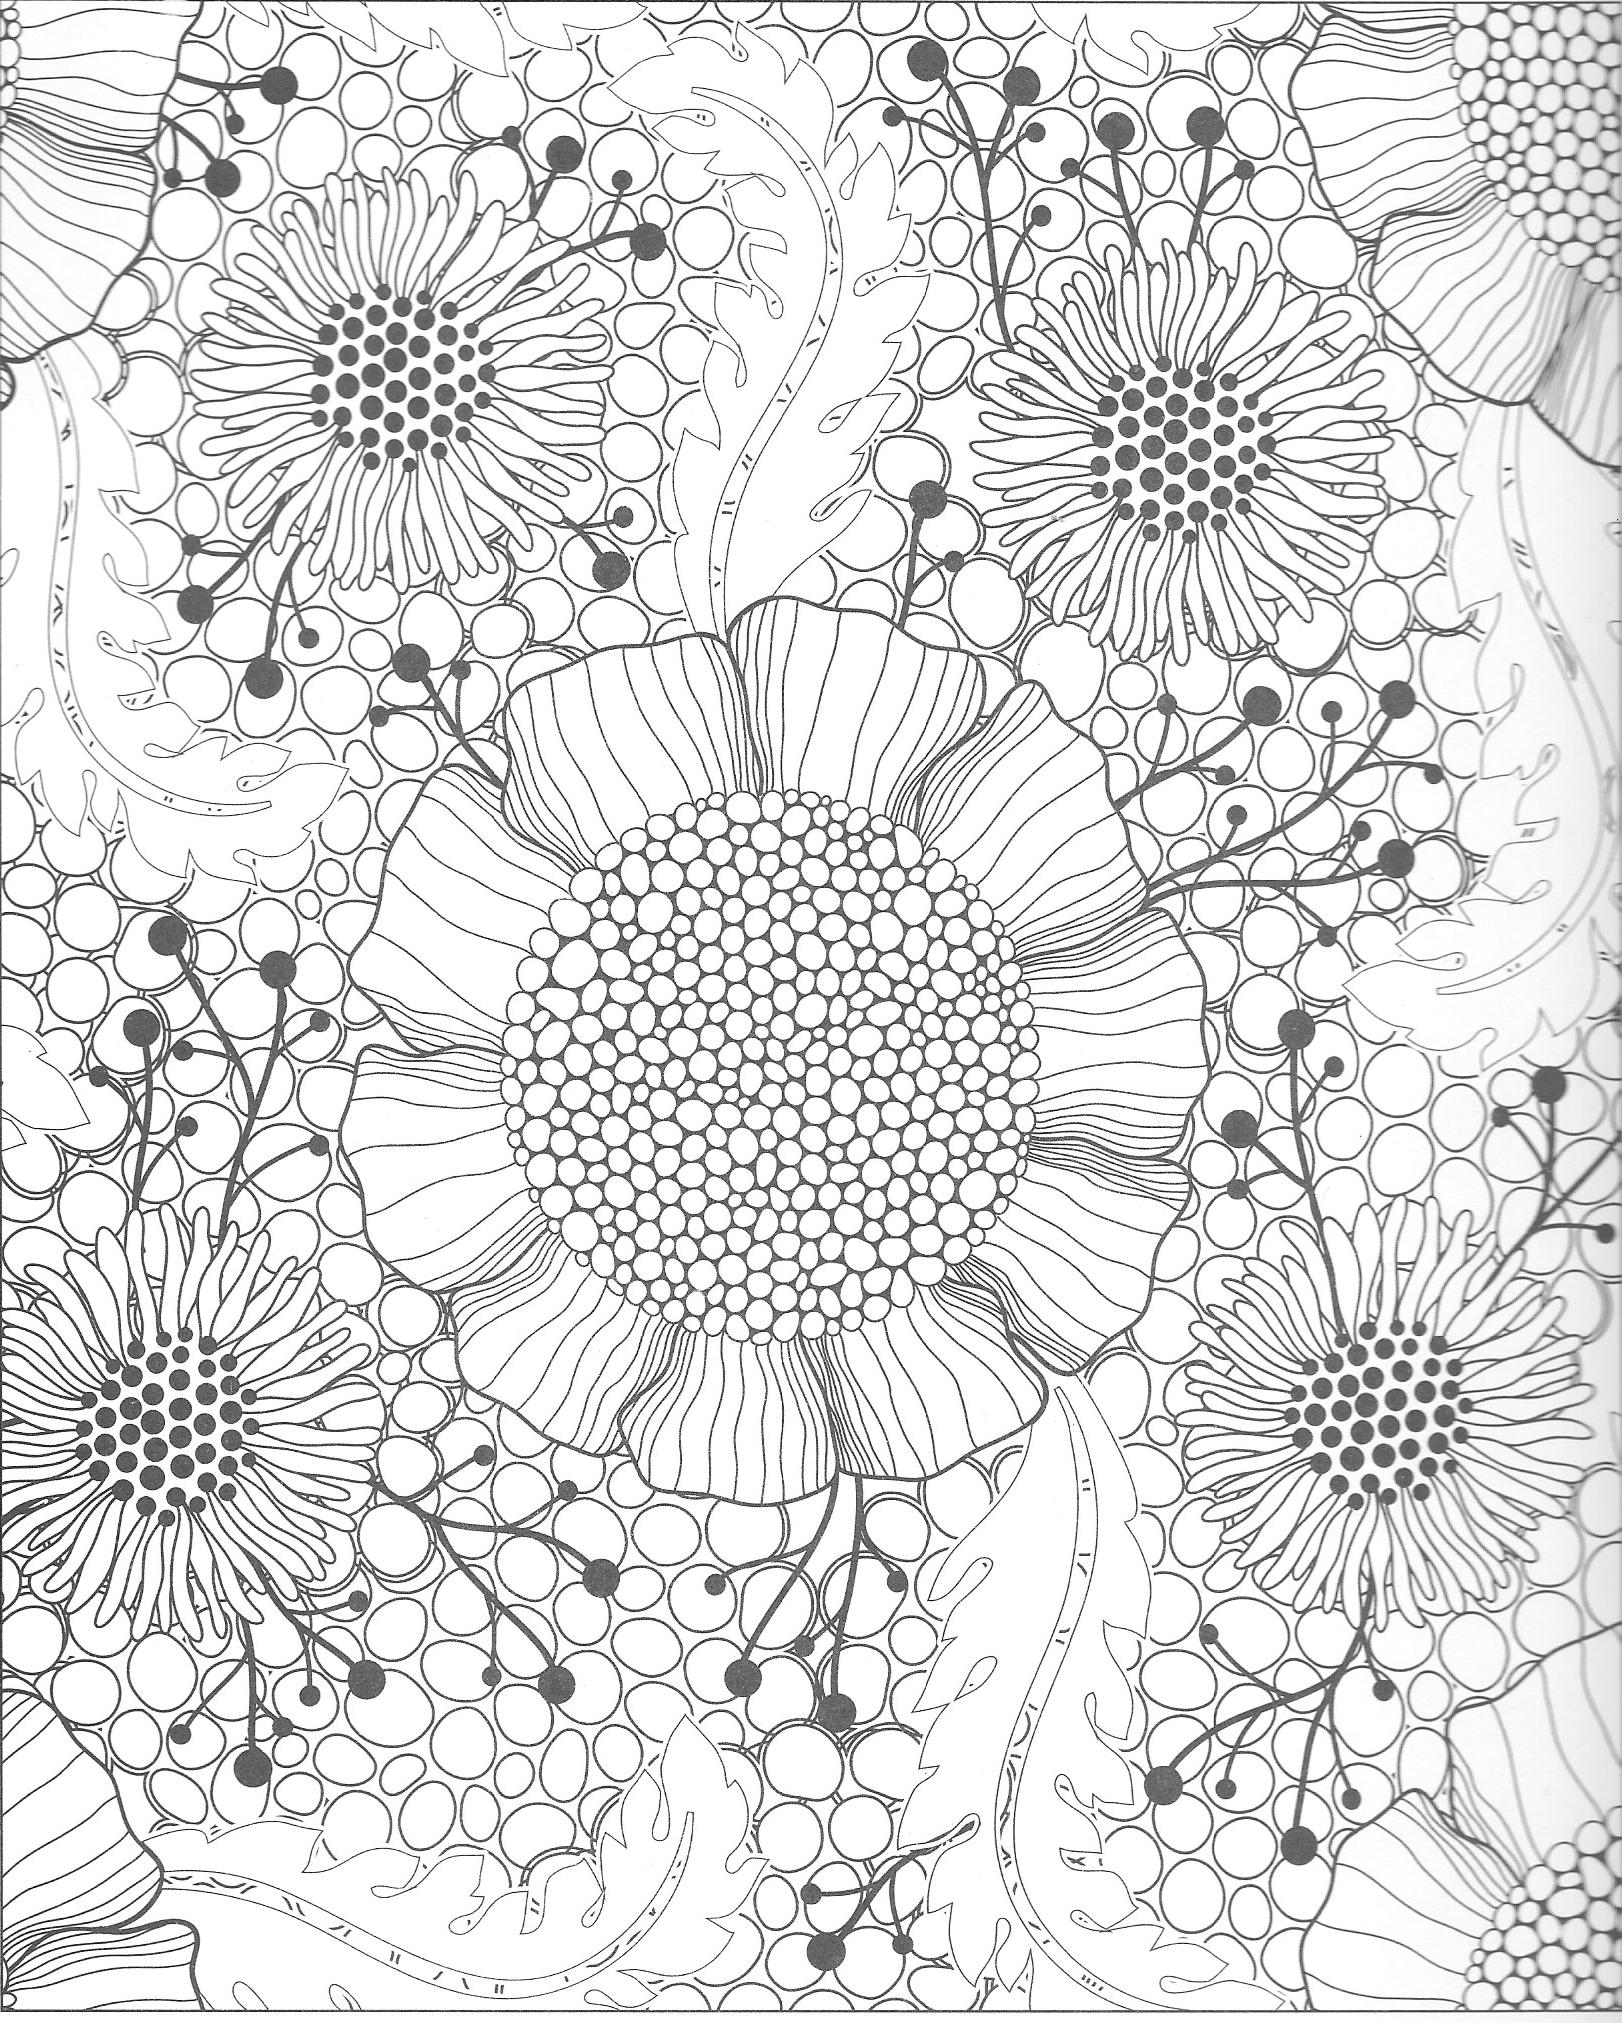 Malvorlagen colour bunt ausmalen coloring pages flowers blumen